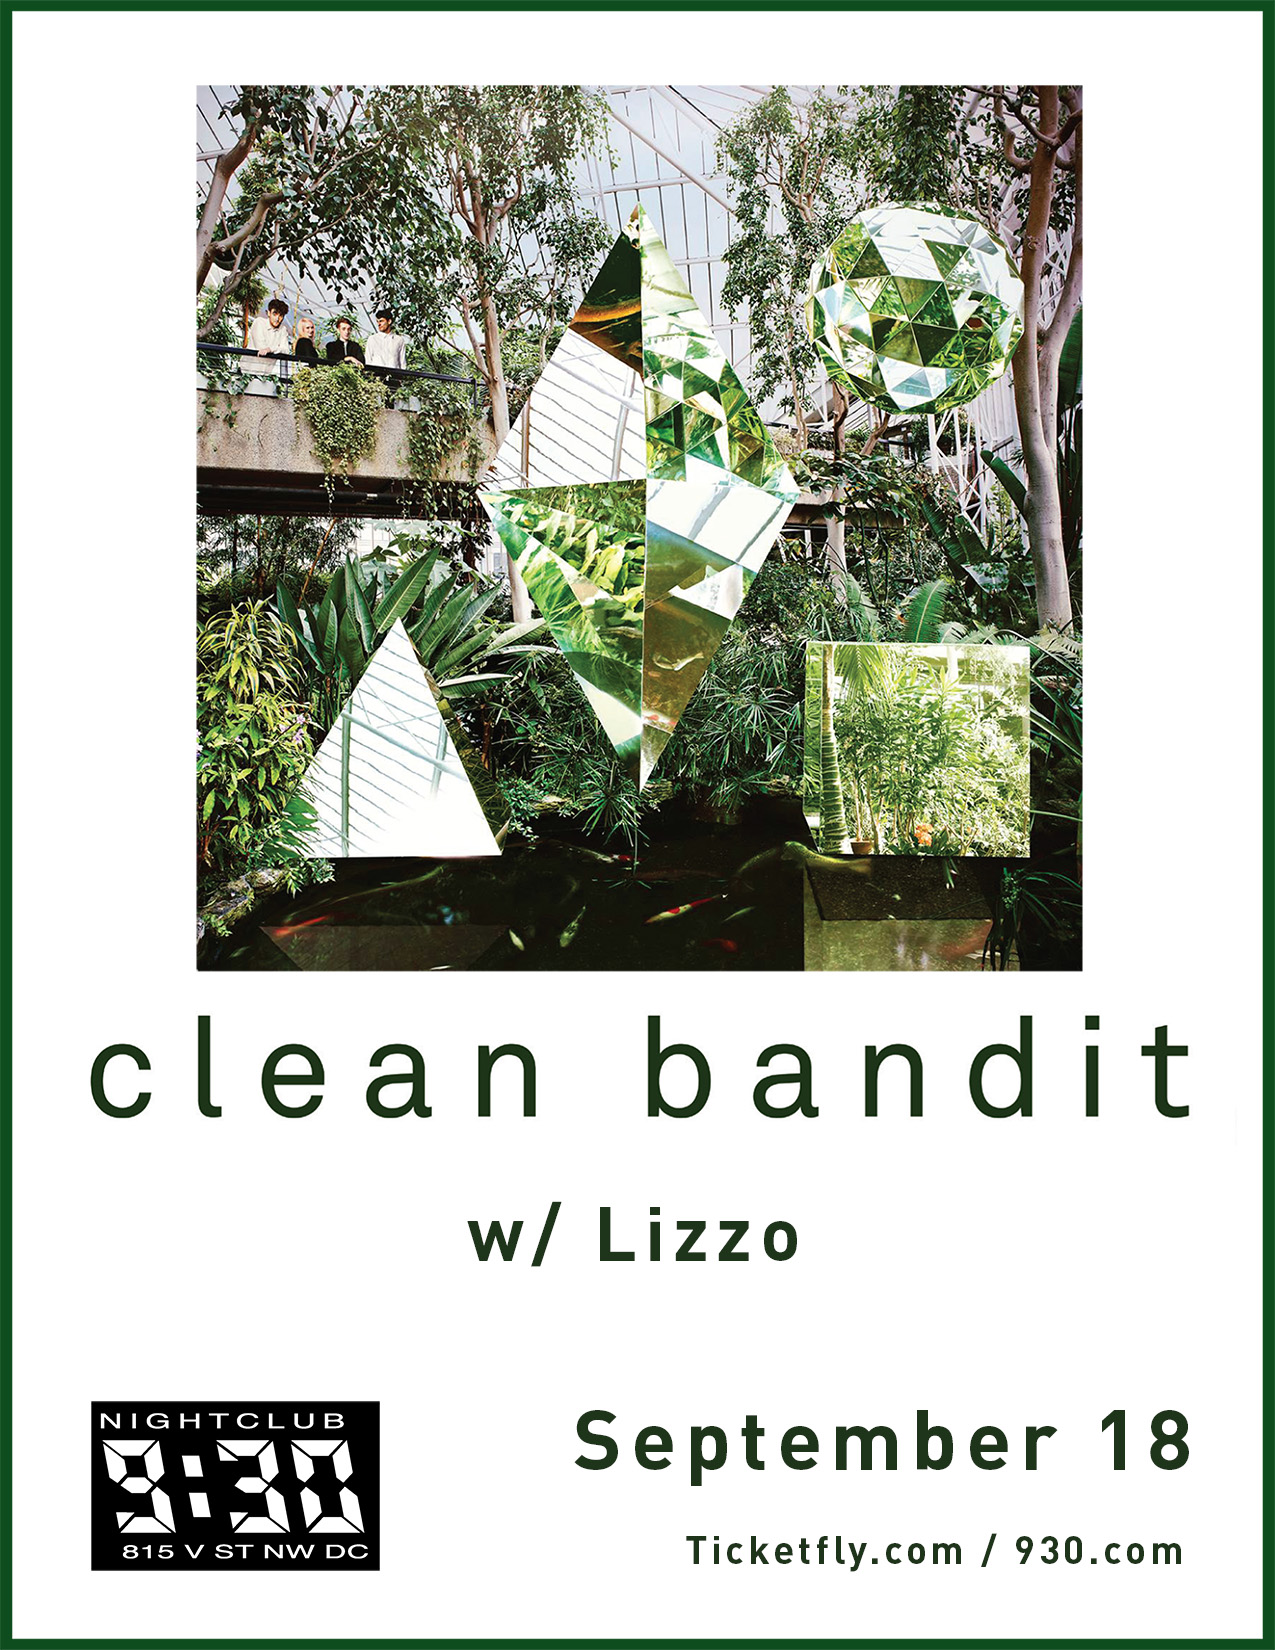 CleanBanditF